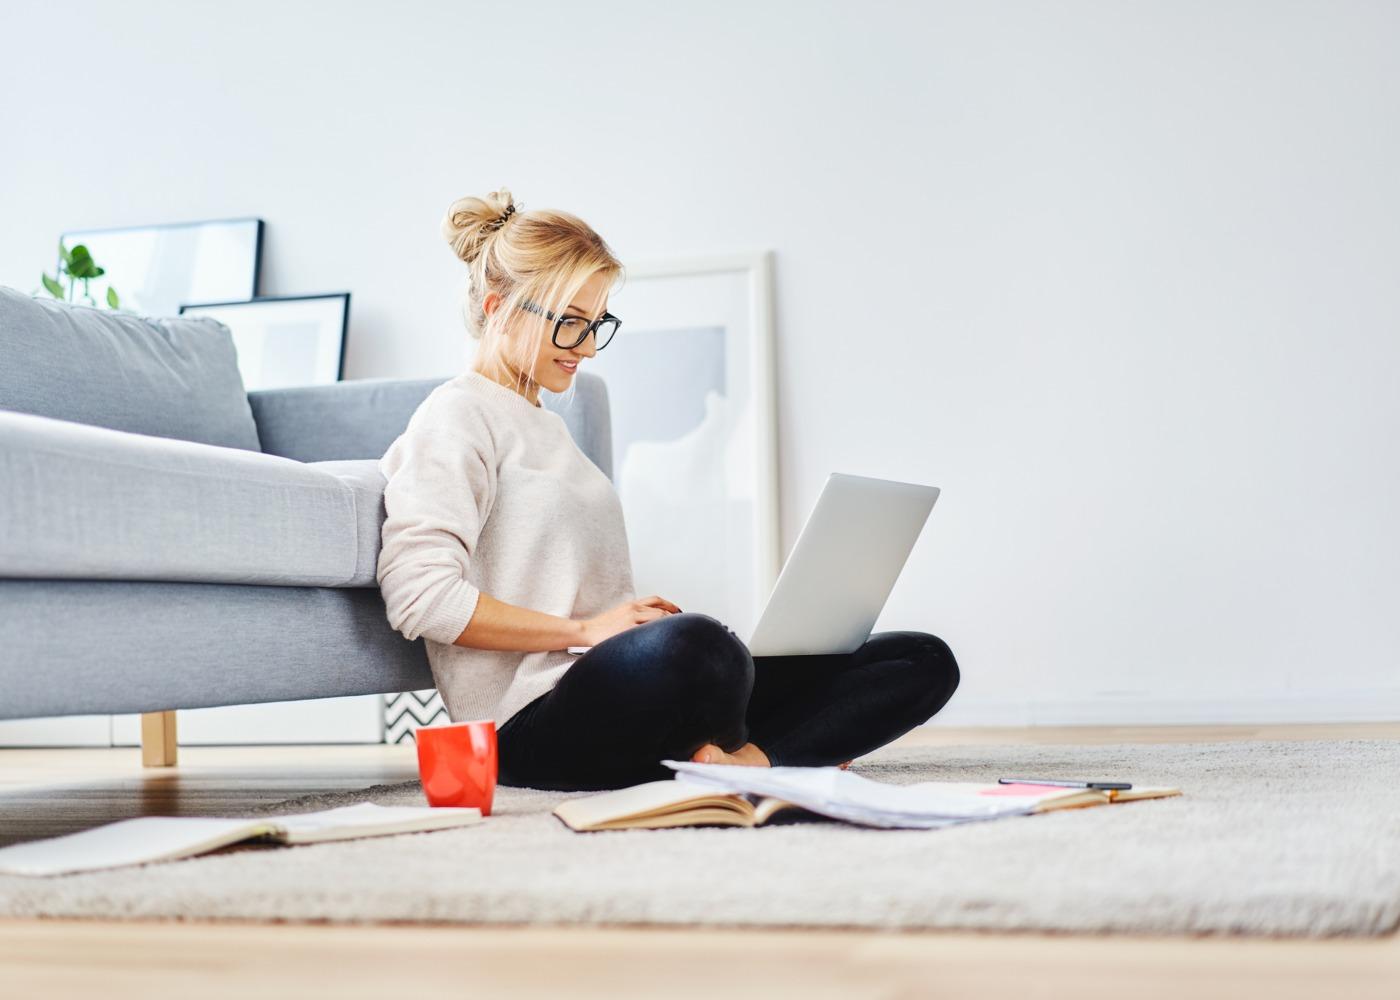 mulher sentada no chão encostada ao sofá a trabalhar no computador